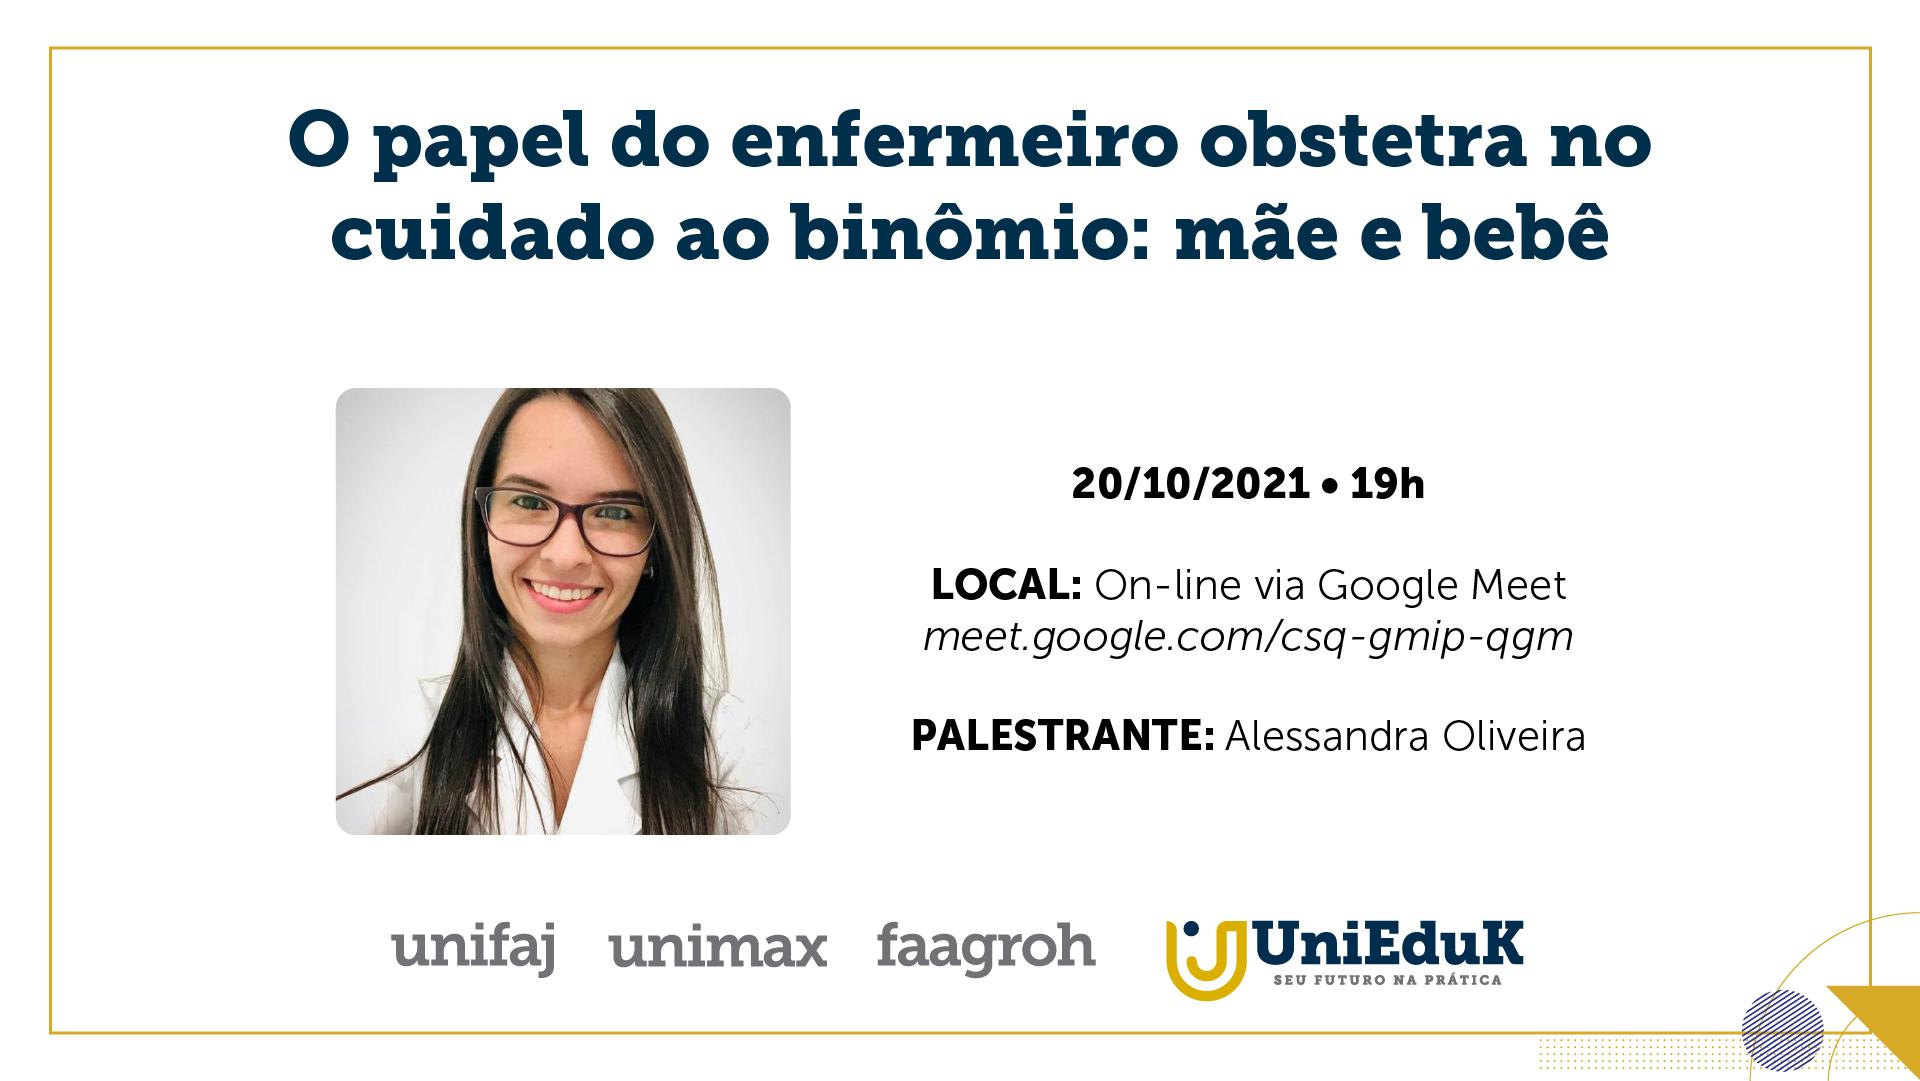 A imagem traz a palestrante Alessandra Oliveira, além do tema, data, horário e local da palestra.